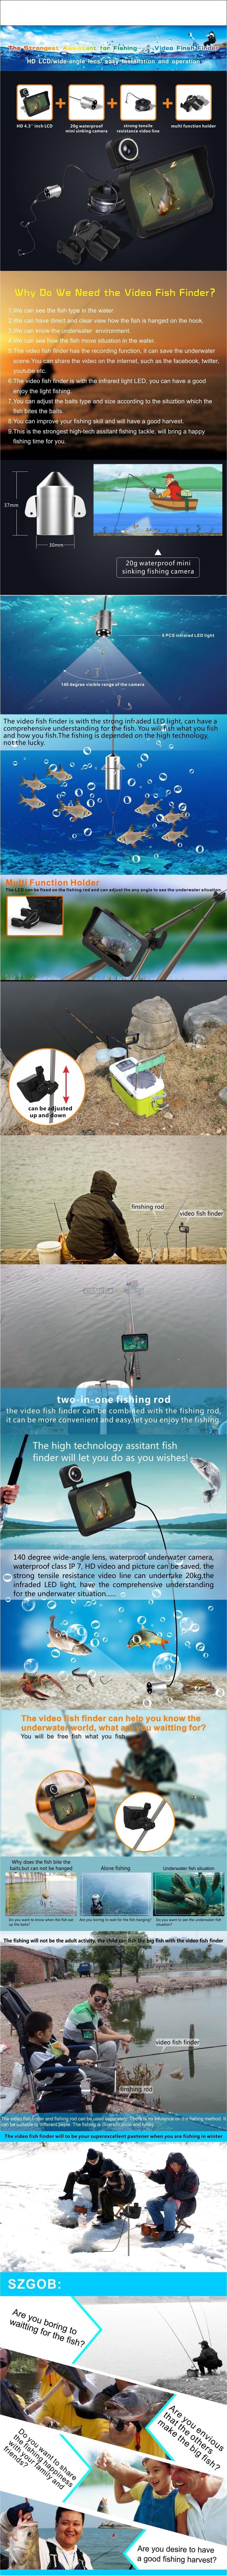 Visvinder duikcamera en beste onderwatercamera kopen plaatje